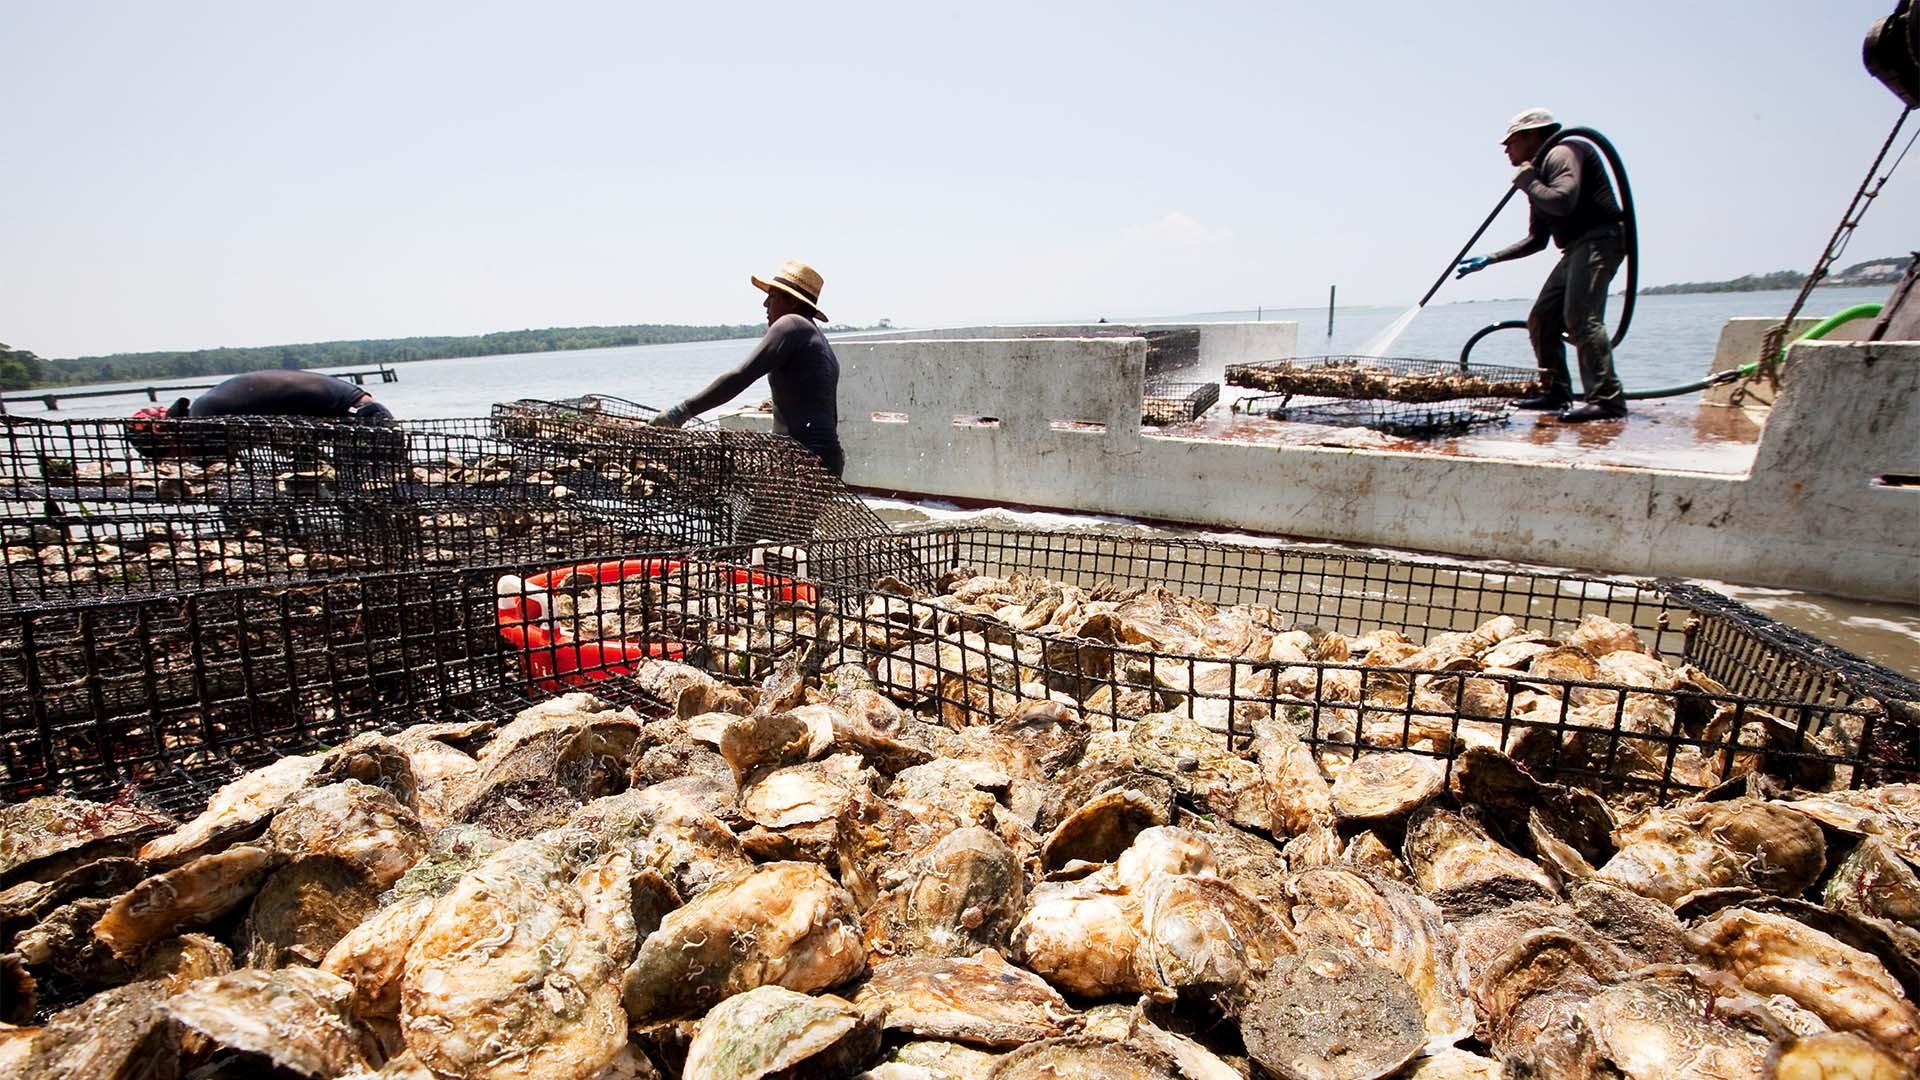 Virignia Oyster Farm, USA